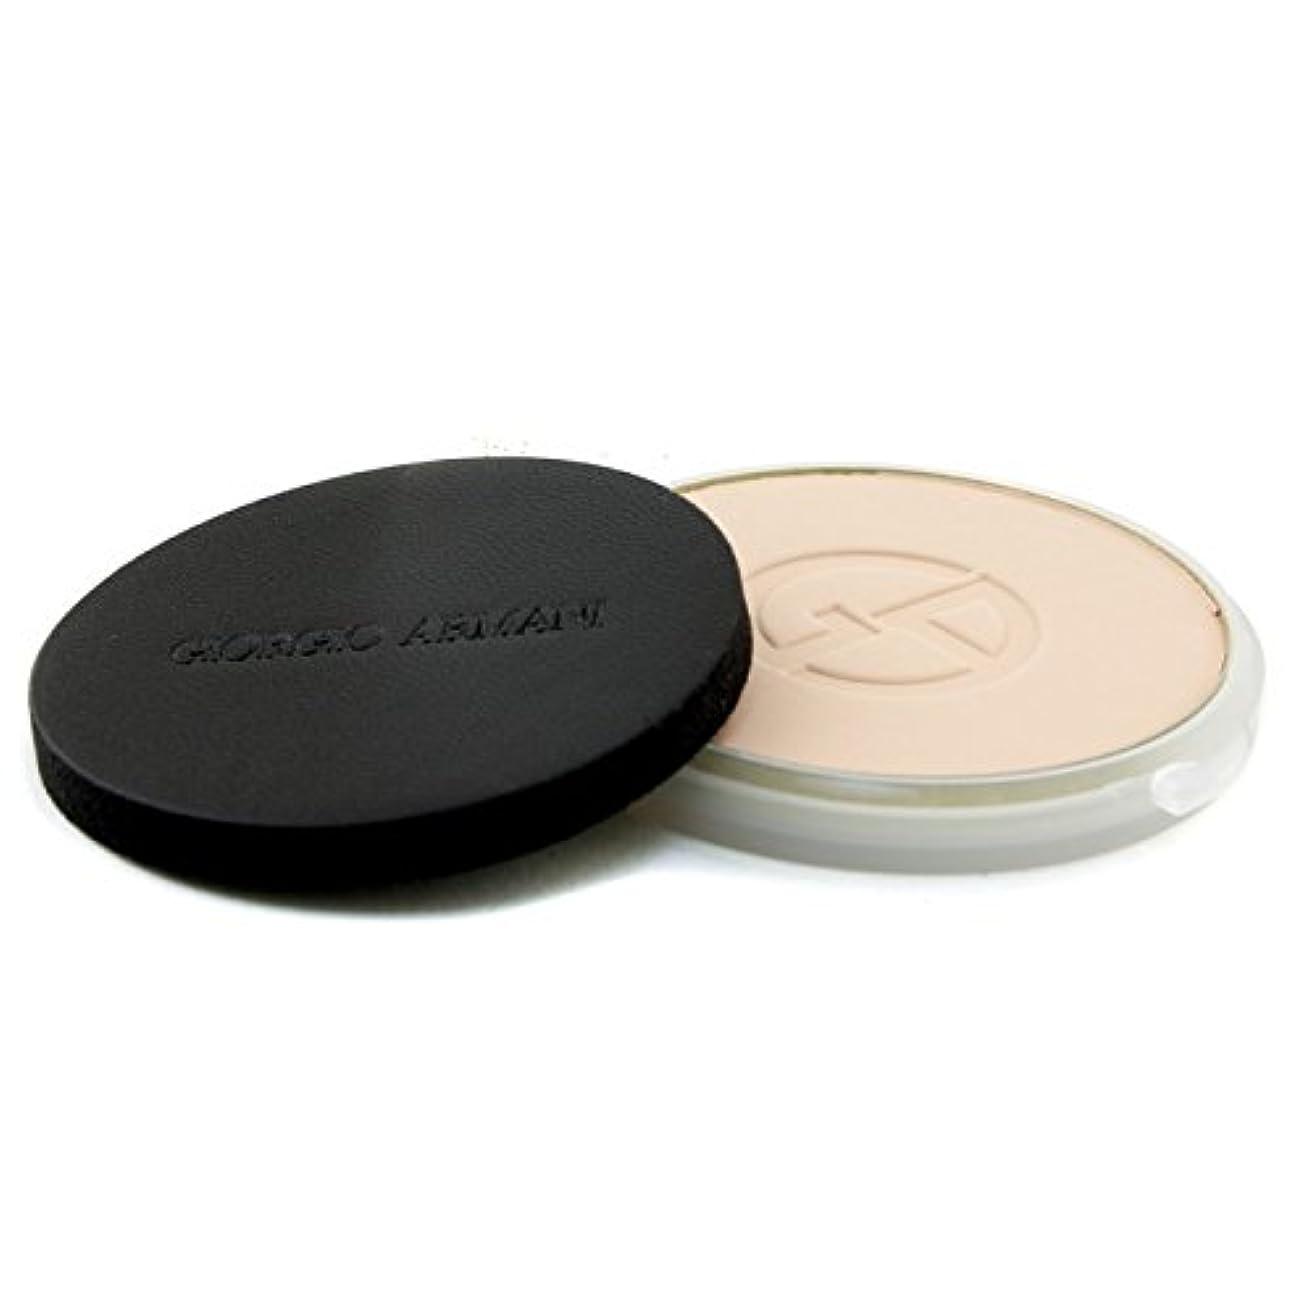 科学者重力離れてジョルジオアルマーニ Lasting Silk UV Compact Foundation SPF 34 (Refill) - # 3 (Light Sand) 9g/0.3oz並行輸入品